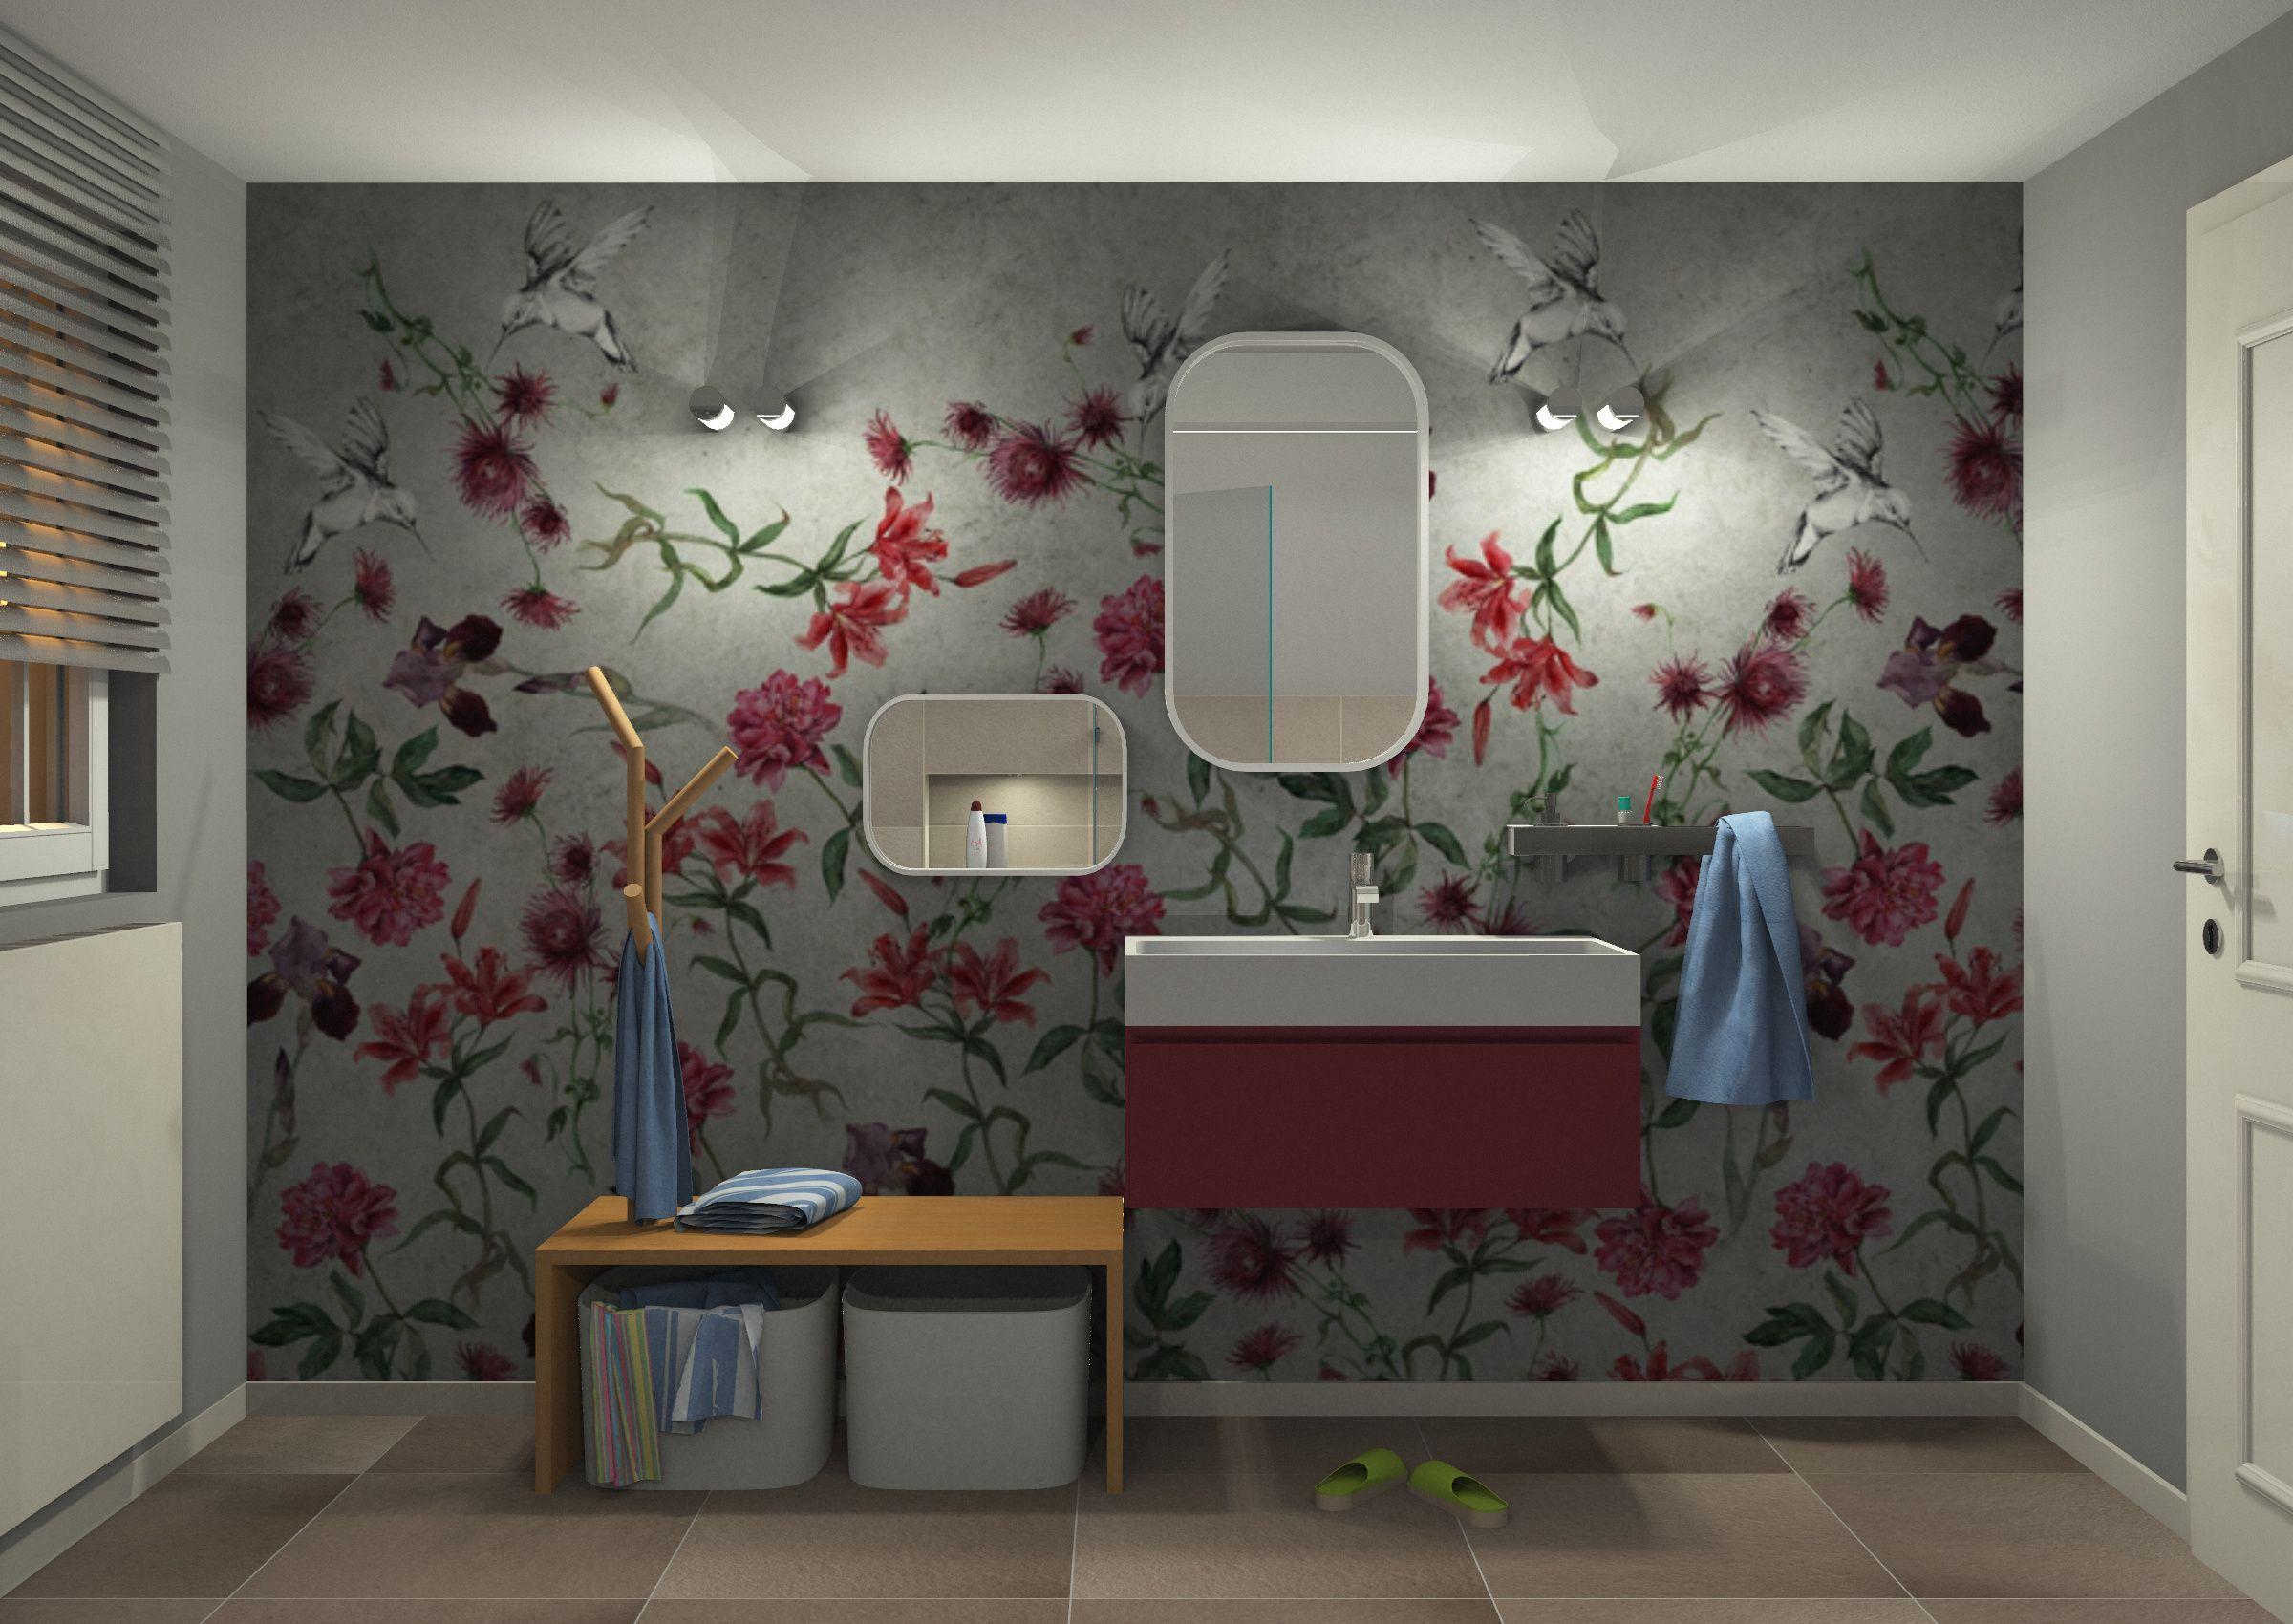 Kinder Badezimmer ~ Badezimmer idee für kinder mit spiegel für groß und klein